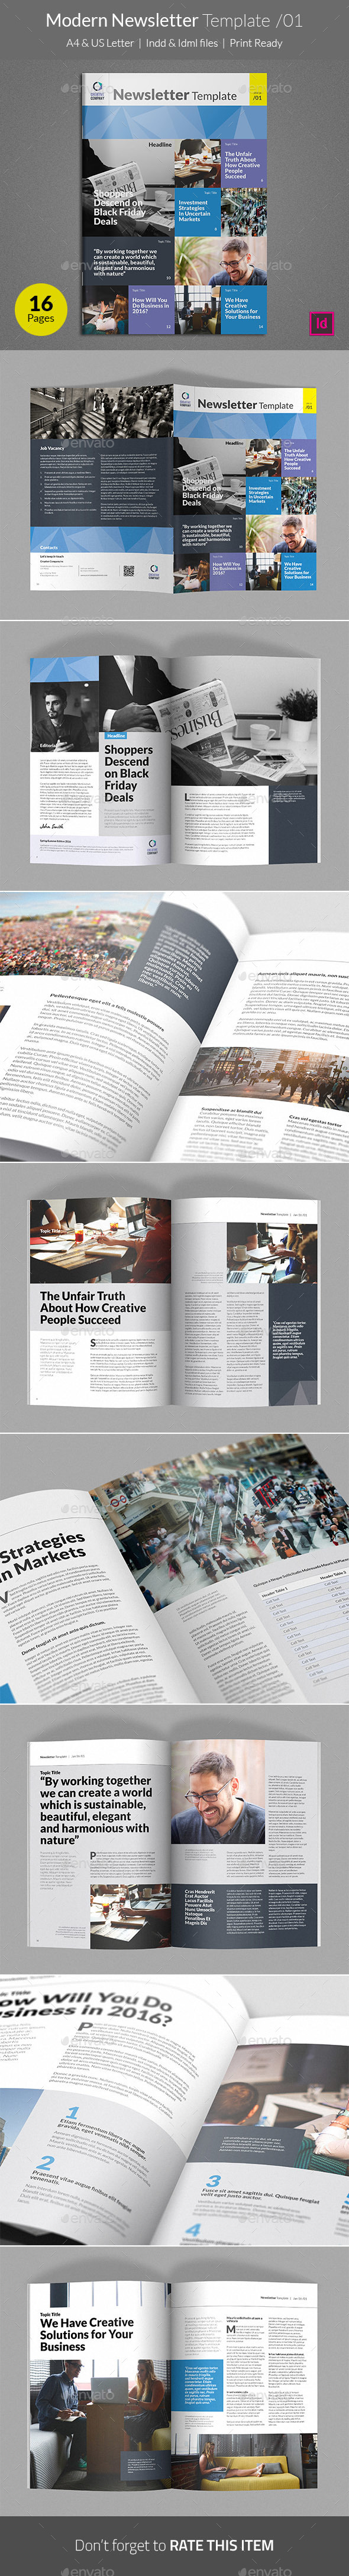 Modern Newsletter Template v01 - Newsletters Print Templates